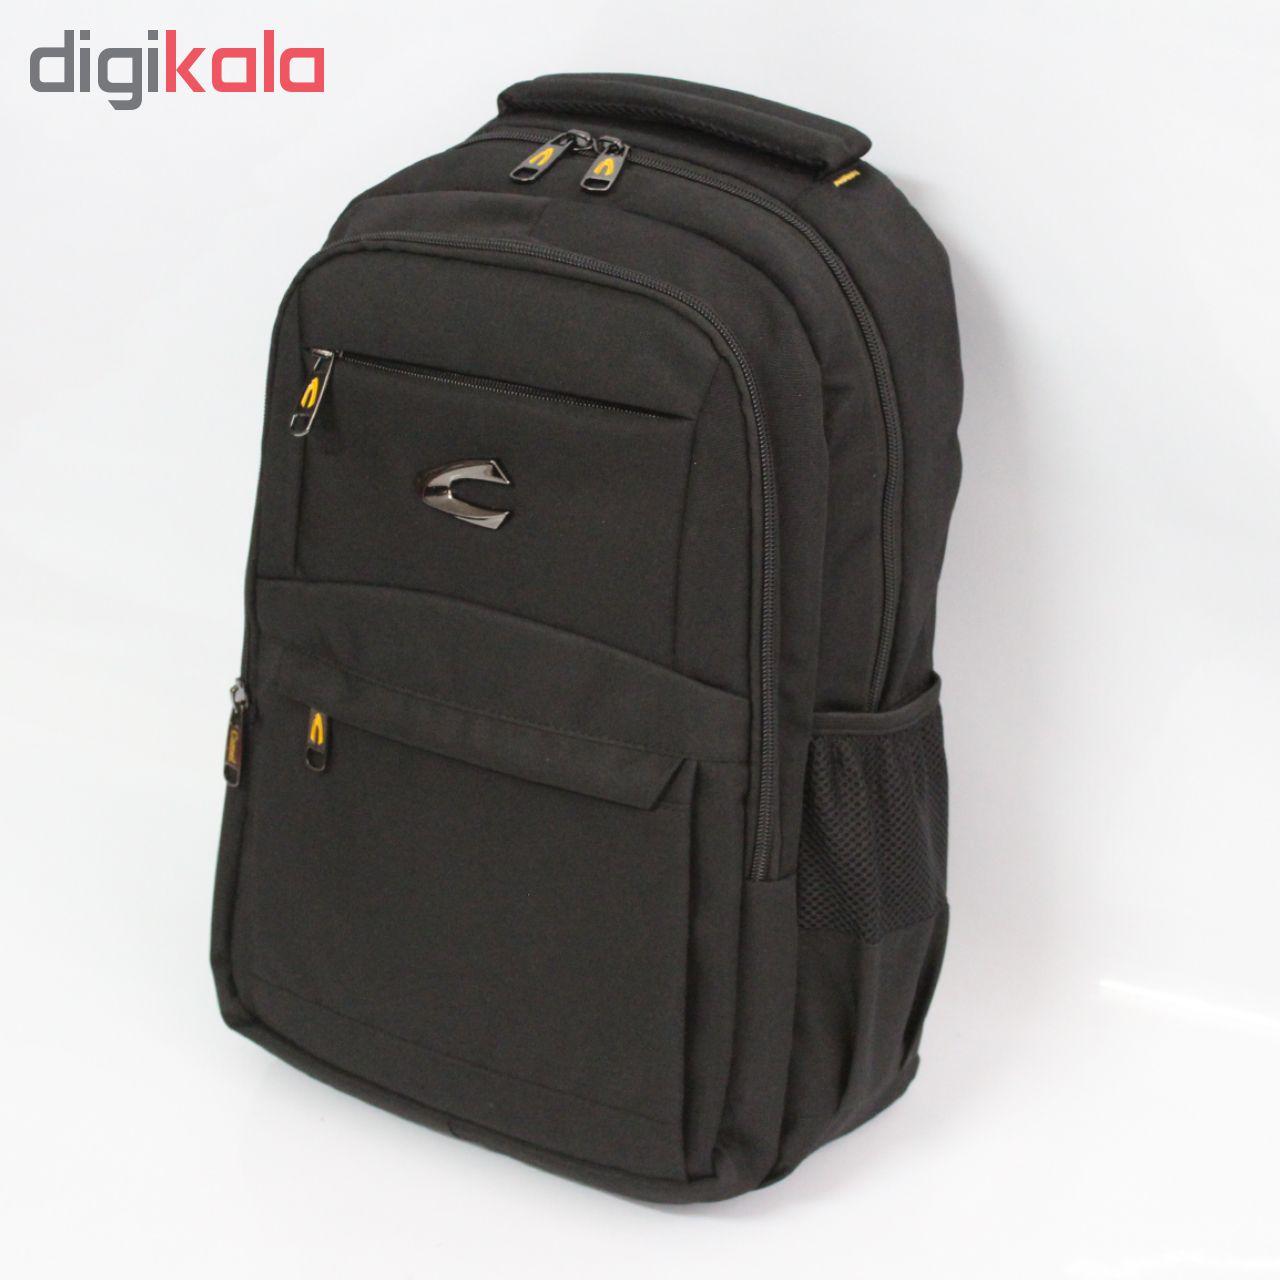 کوله پشتی لپ تاپ کمل مدل P1052 مناسب برای لپ تاپ 15 اینچی